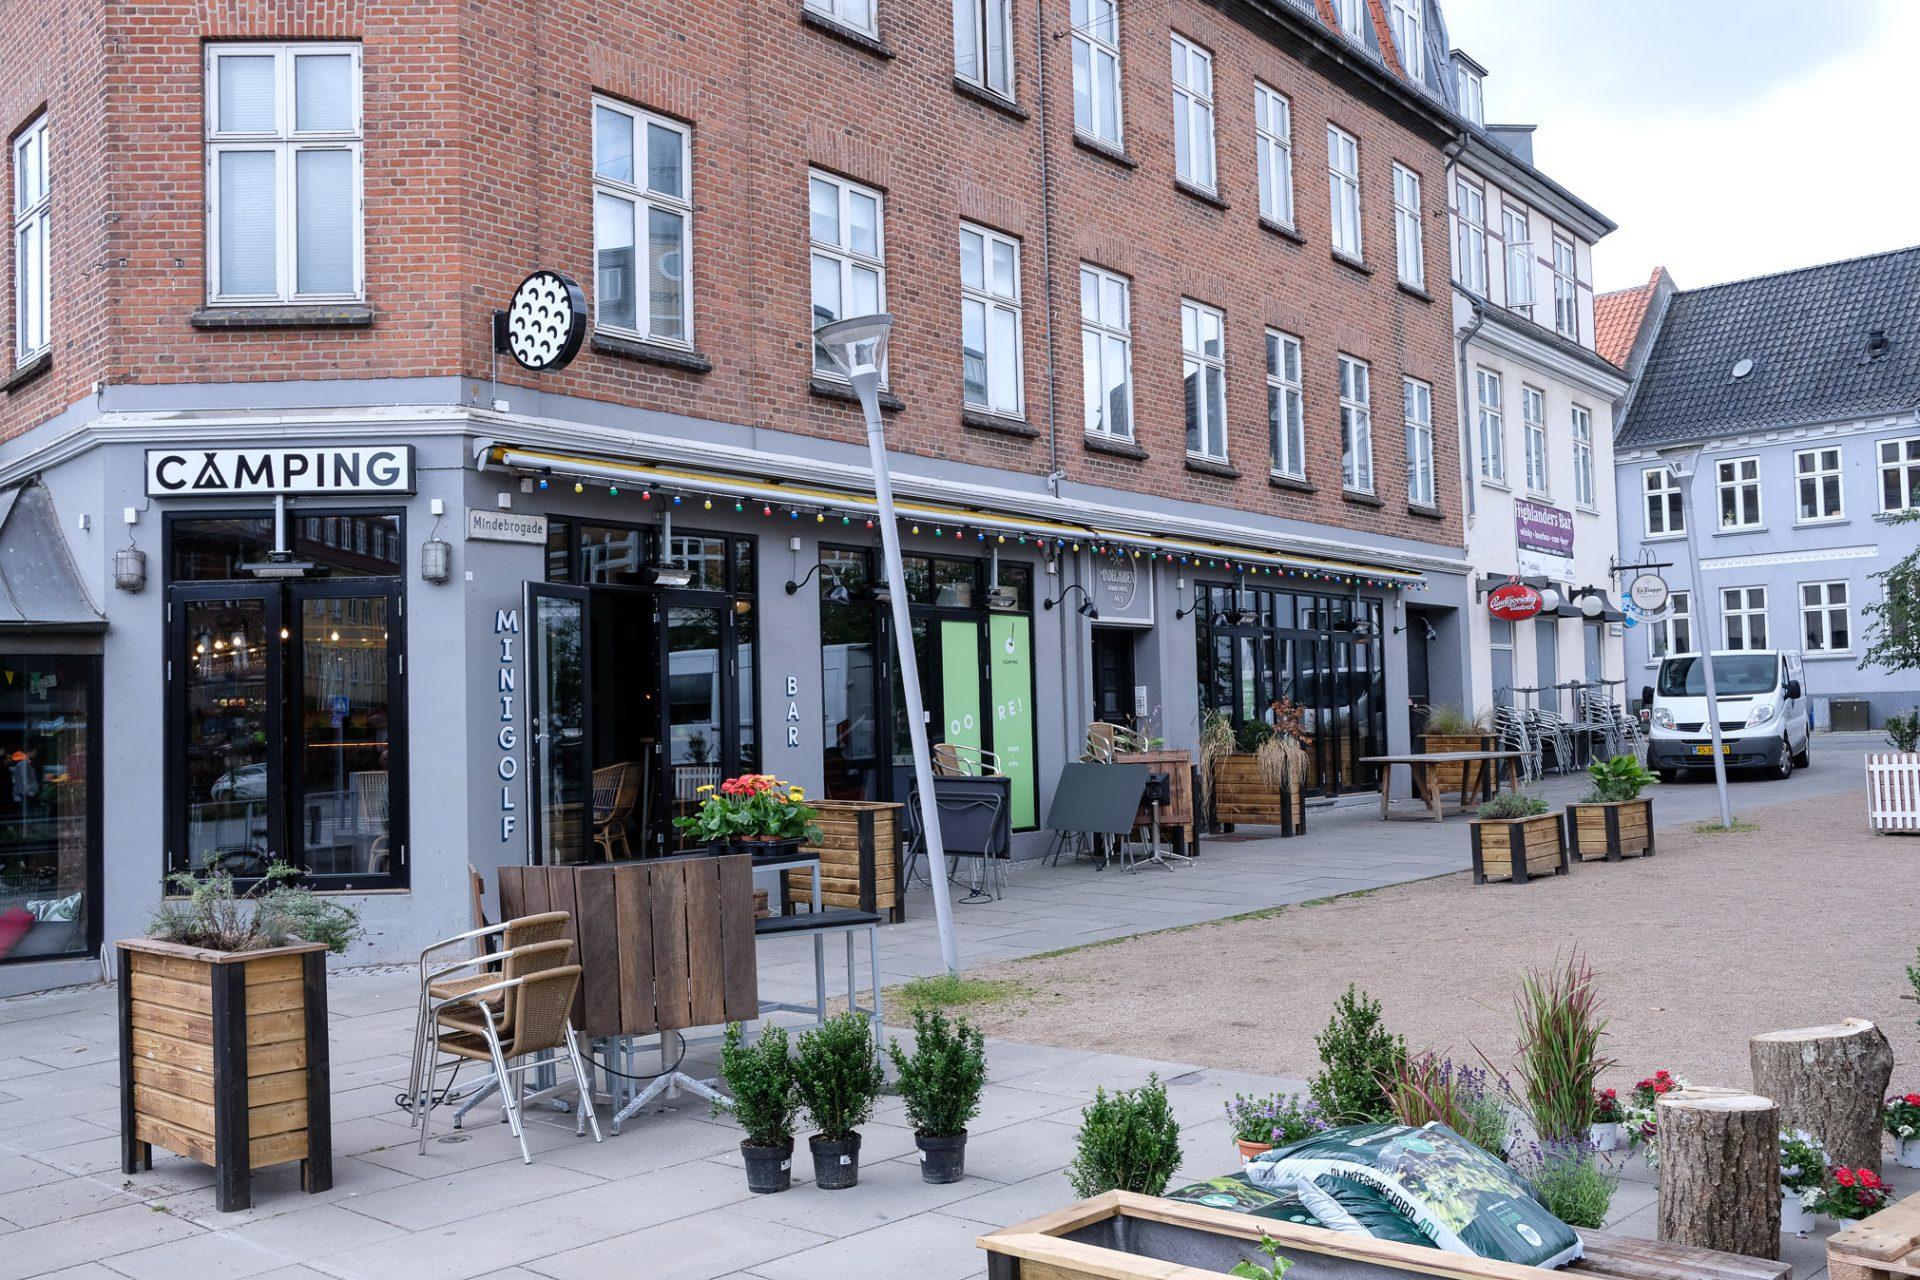 Camping Aarhus: Ny og cool minigolf-bar og restaurant ved åen